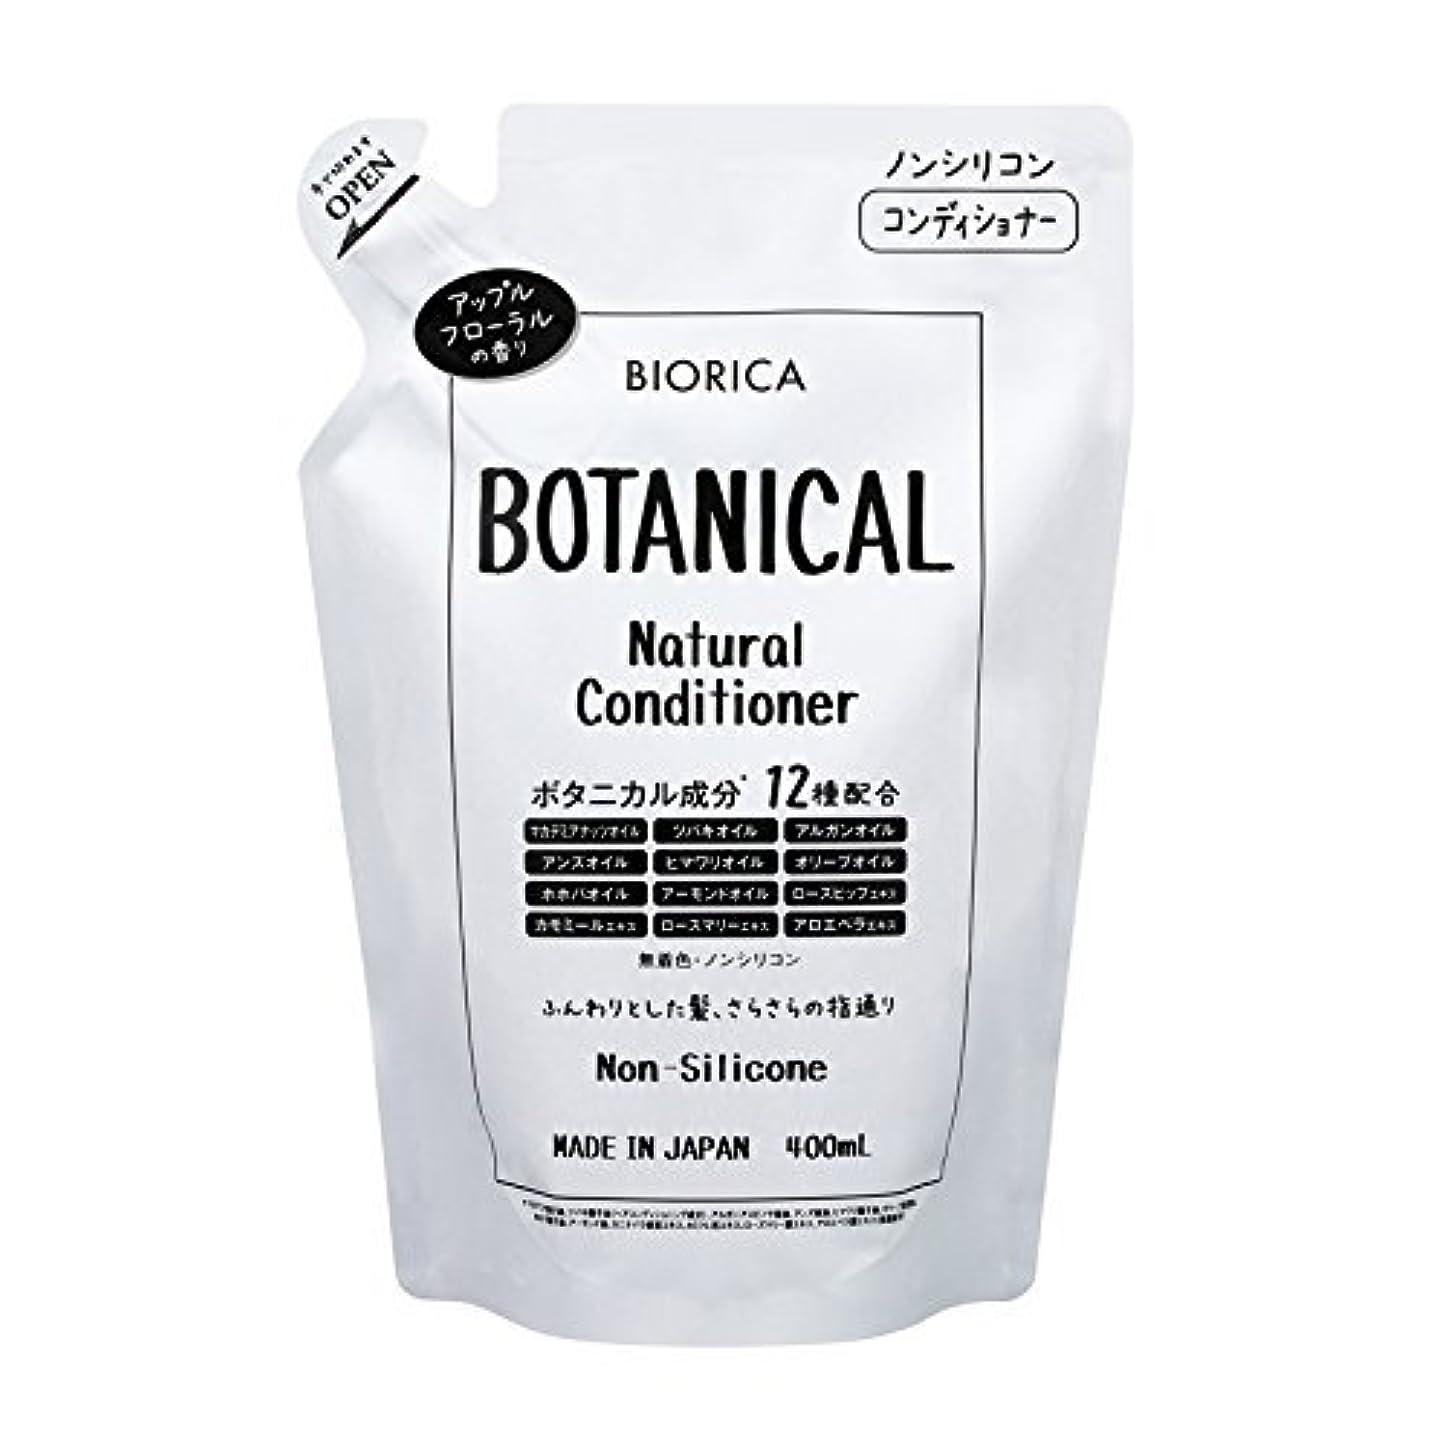 宙返り新聞BIORICA ビオリカ ボタニカル ノンシリコン コンディショナー 詰め替え アップルフローラルの香り 400ml 日本製